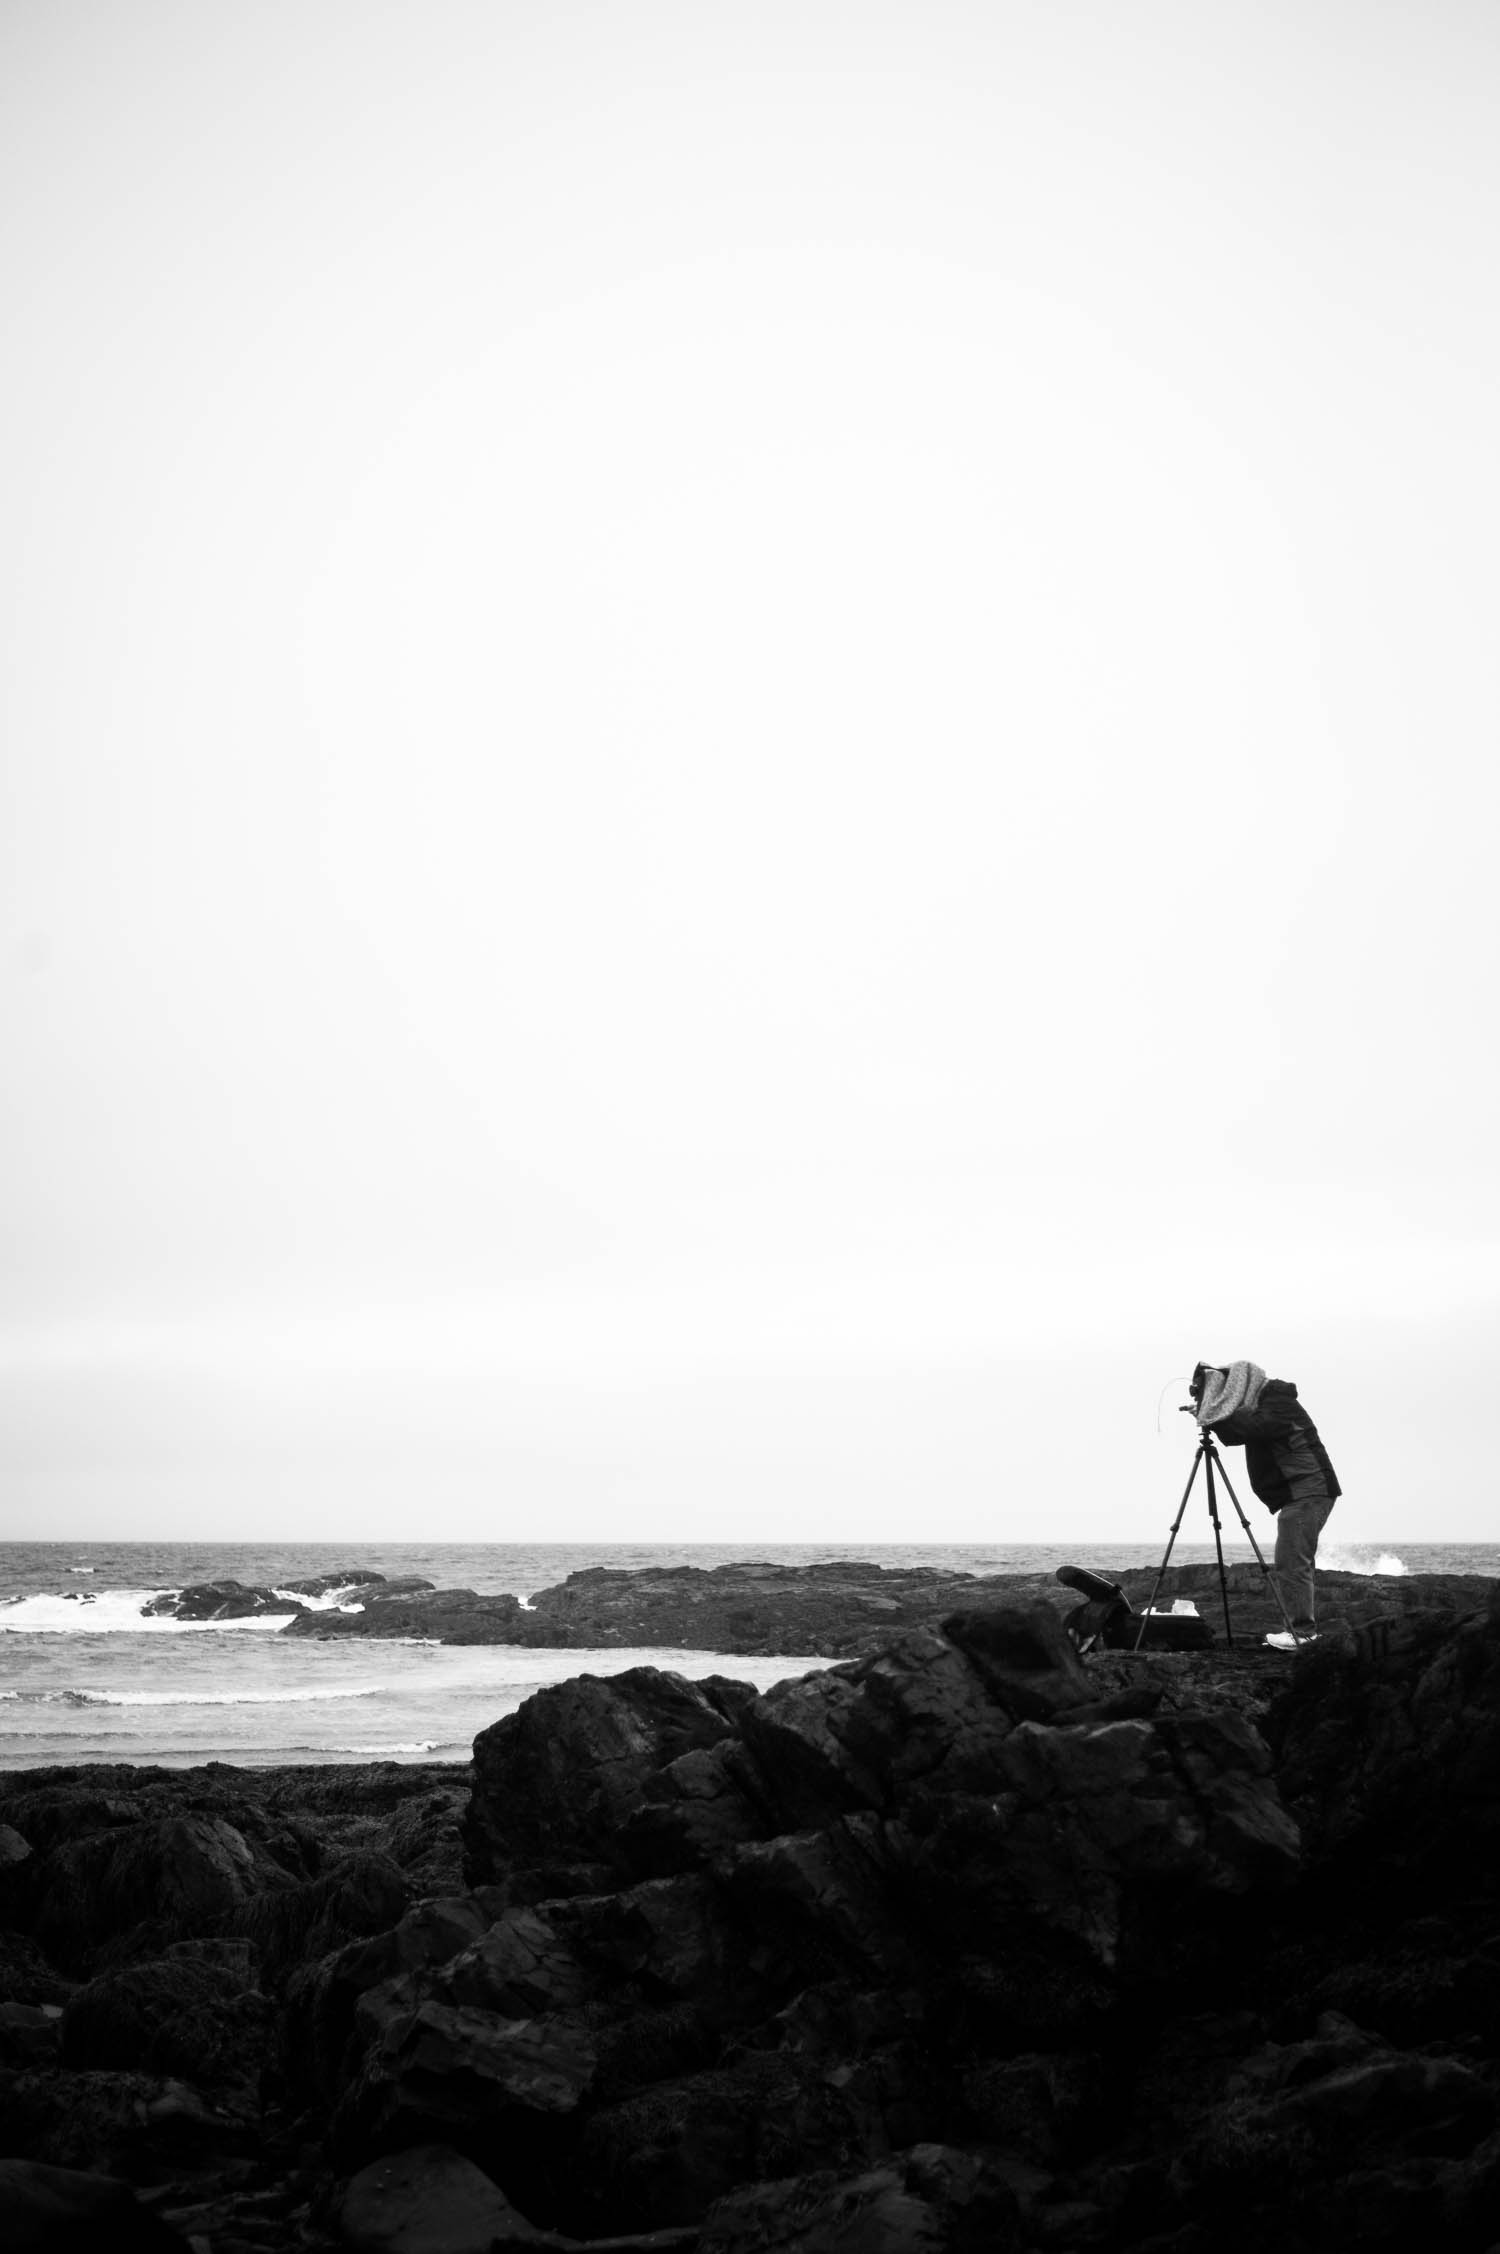 Shooting large format film at Perkins Cove